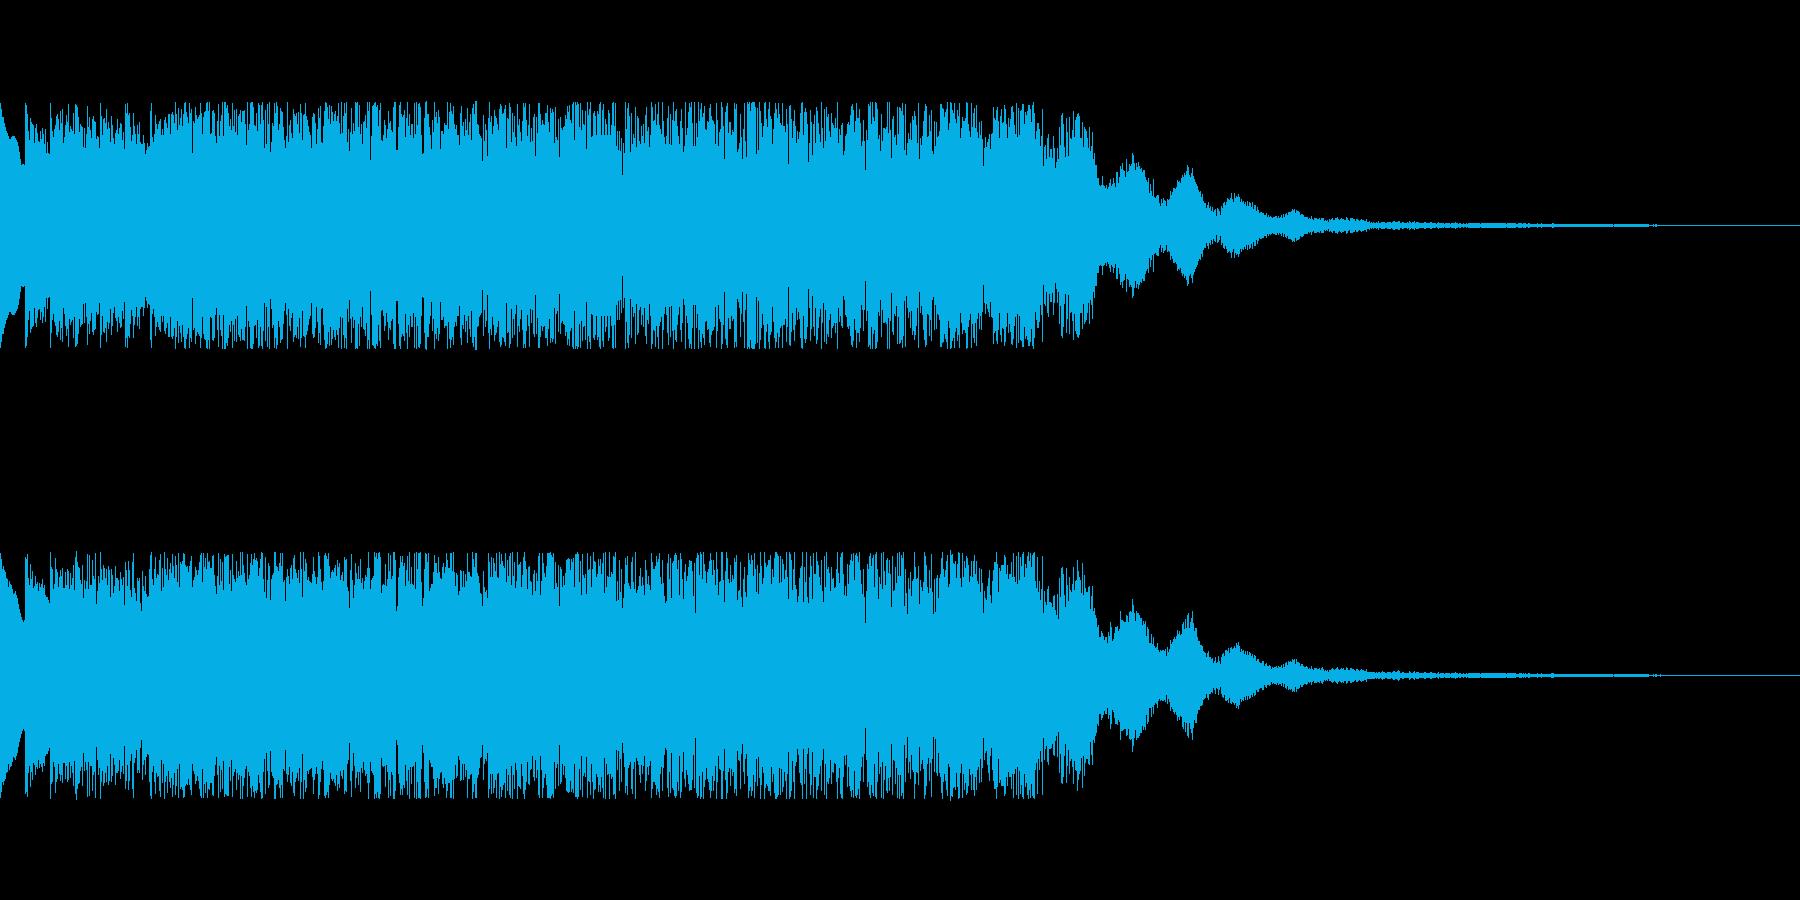 発車メロディ風2の再生済みの波形